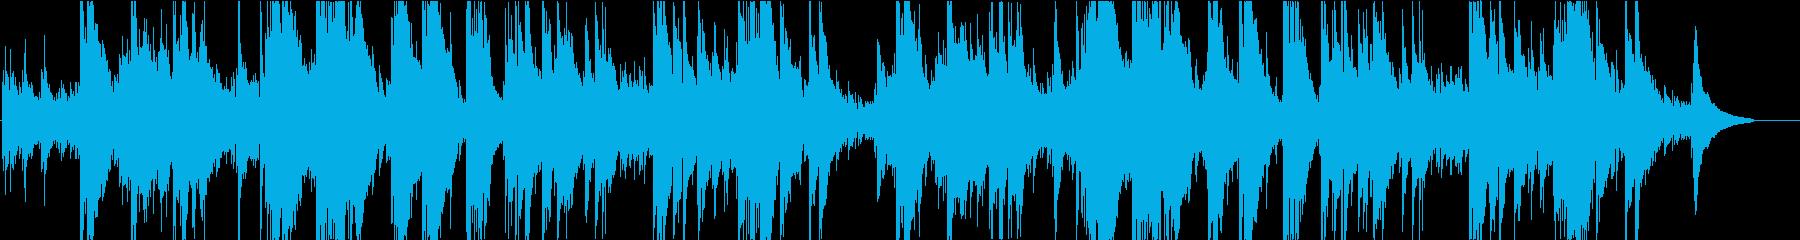 アコースティックギターソロ(EPfなし)の再生済みの波形